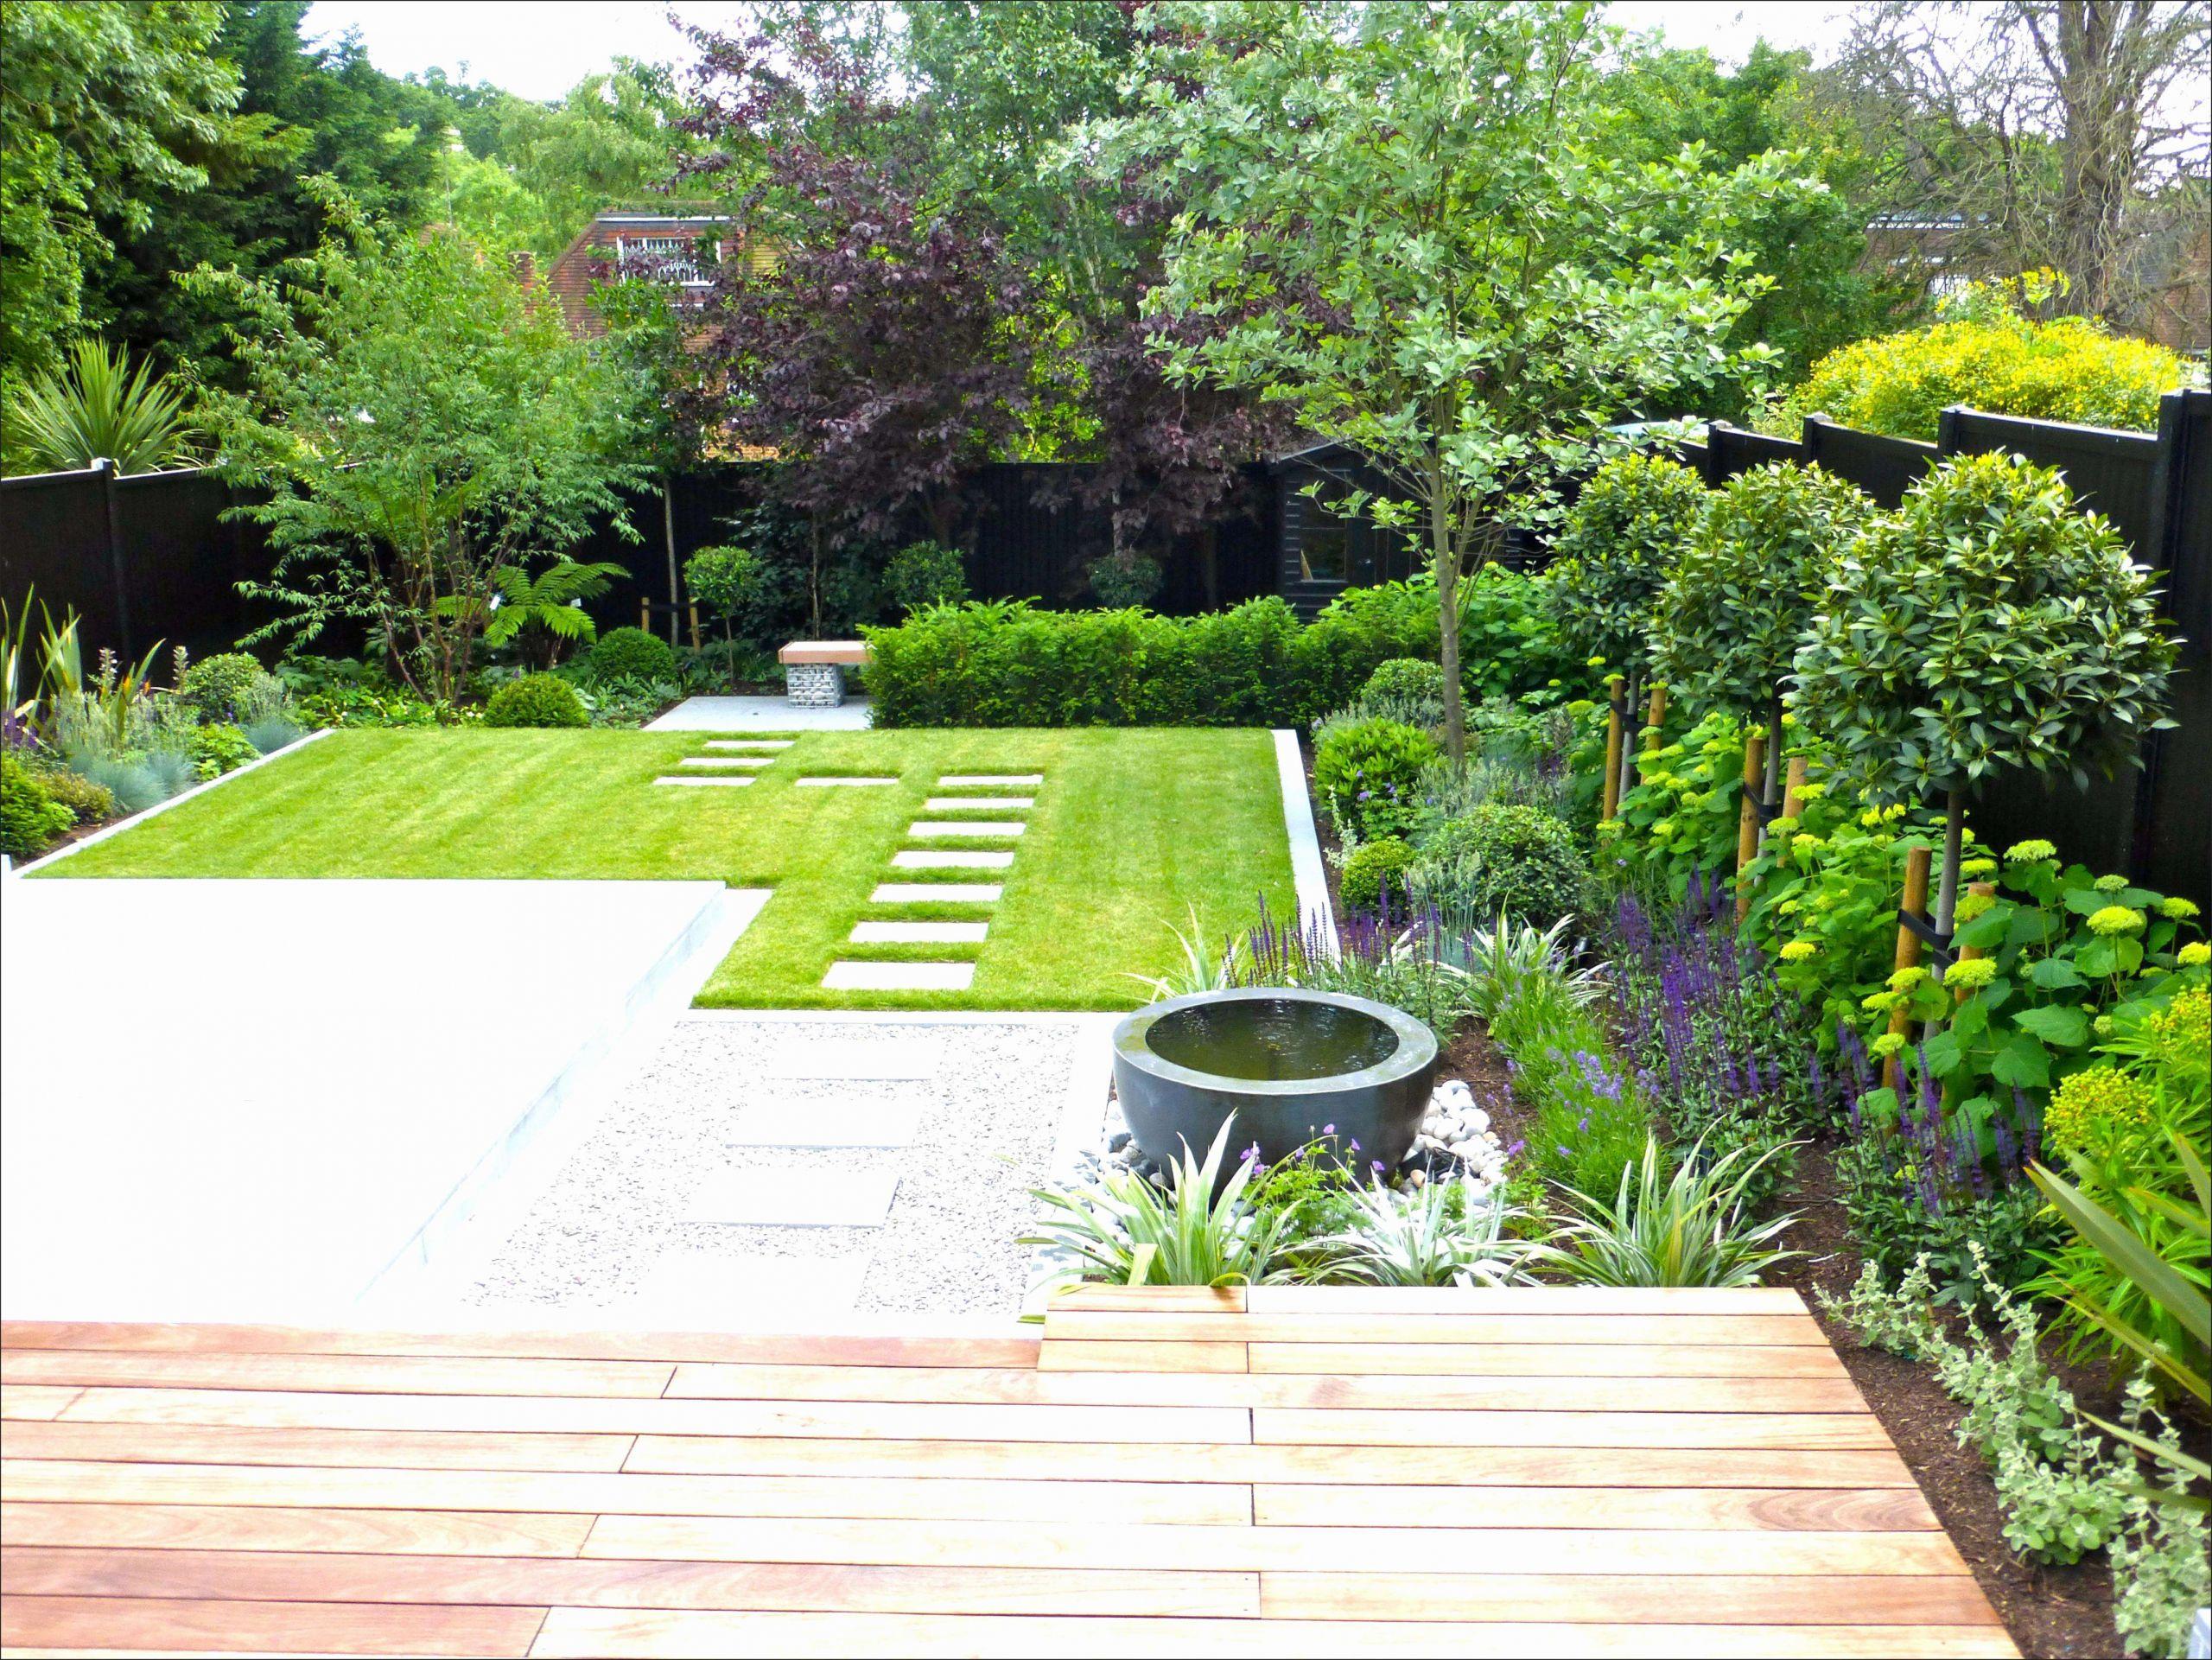 Gestaltung Vorgarten Best Of Vorgarten Gestalten nordseite — Temobardz Home Blog